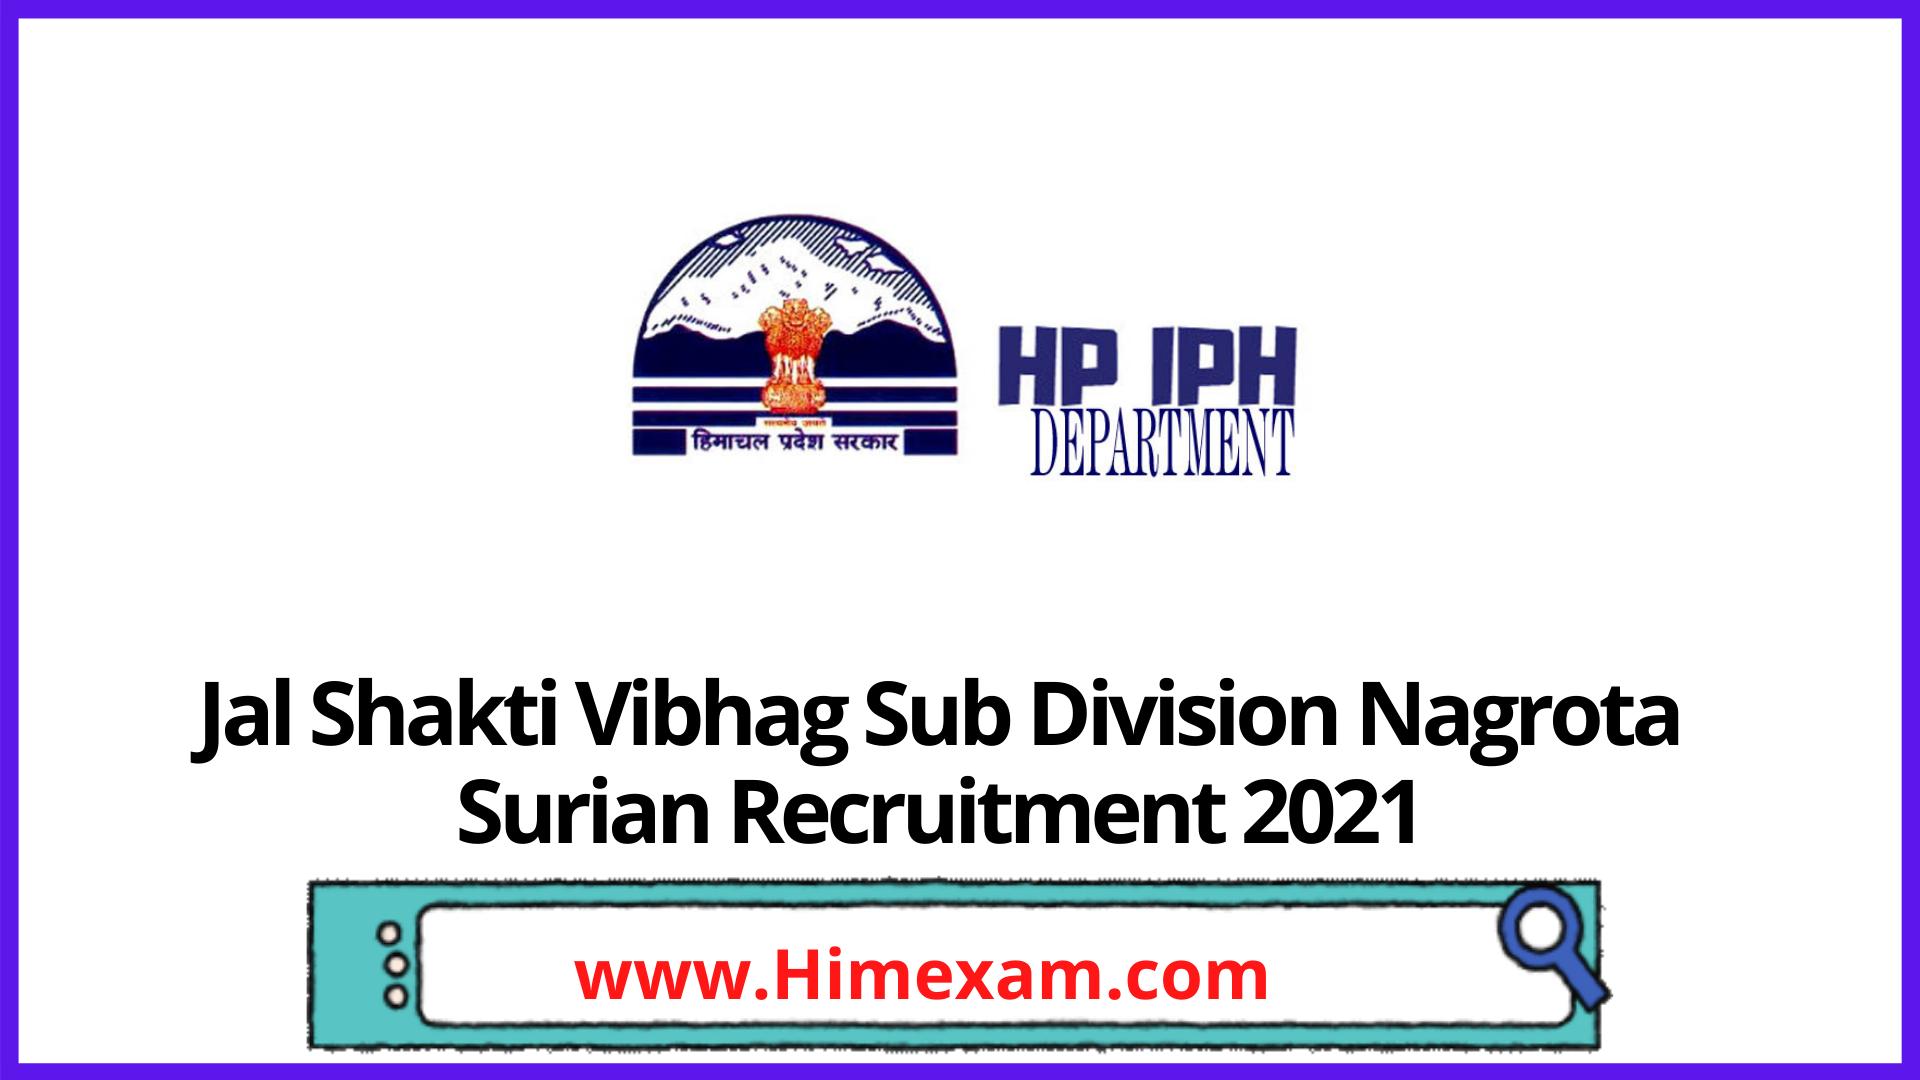 Jal Shakti Vibhag Sub Division Nagrota Surian Recruitment 2021